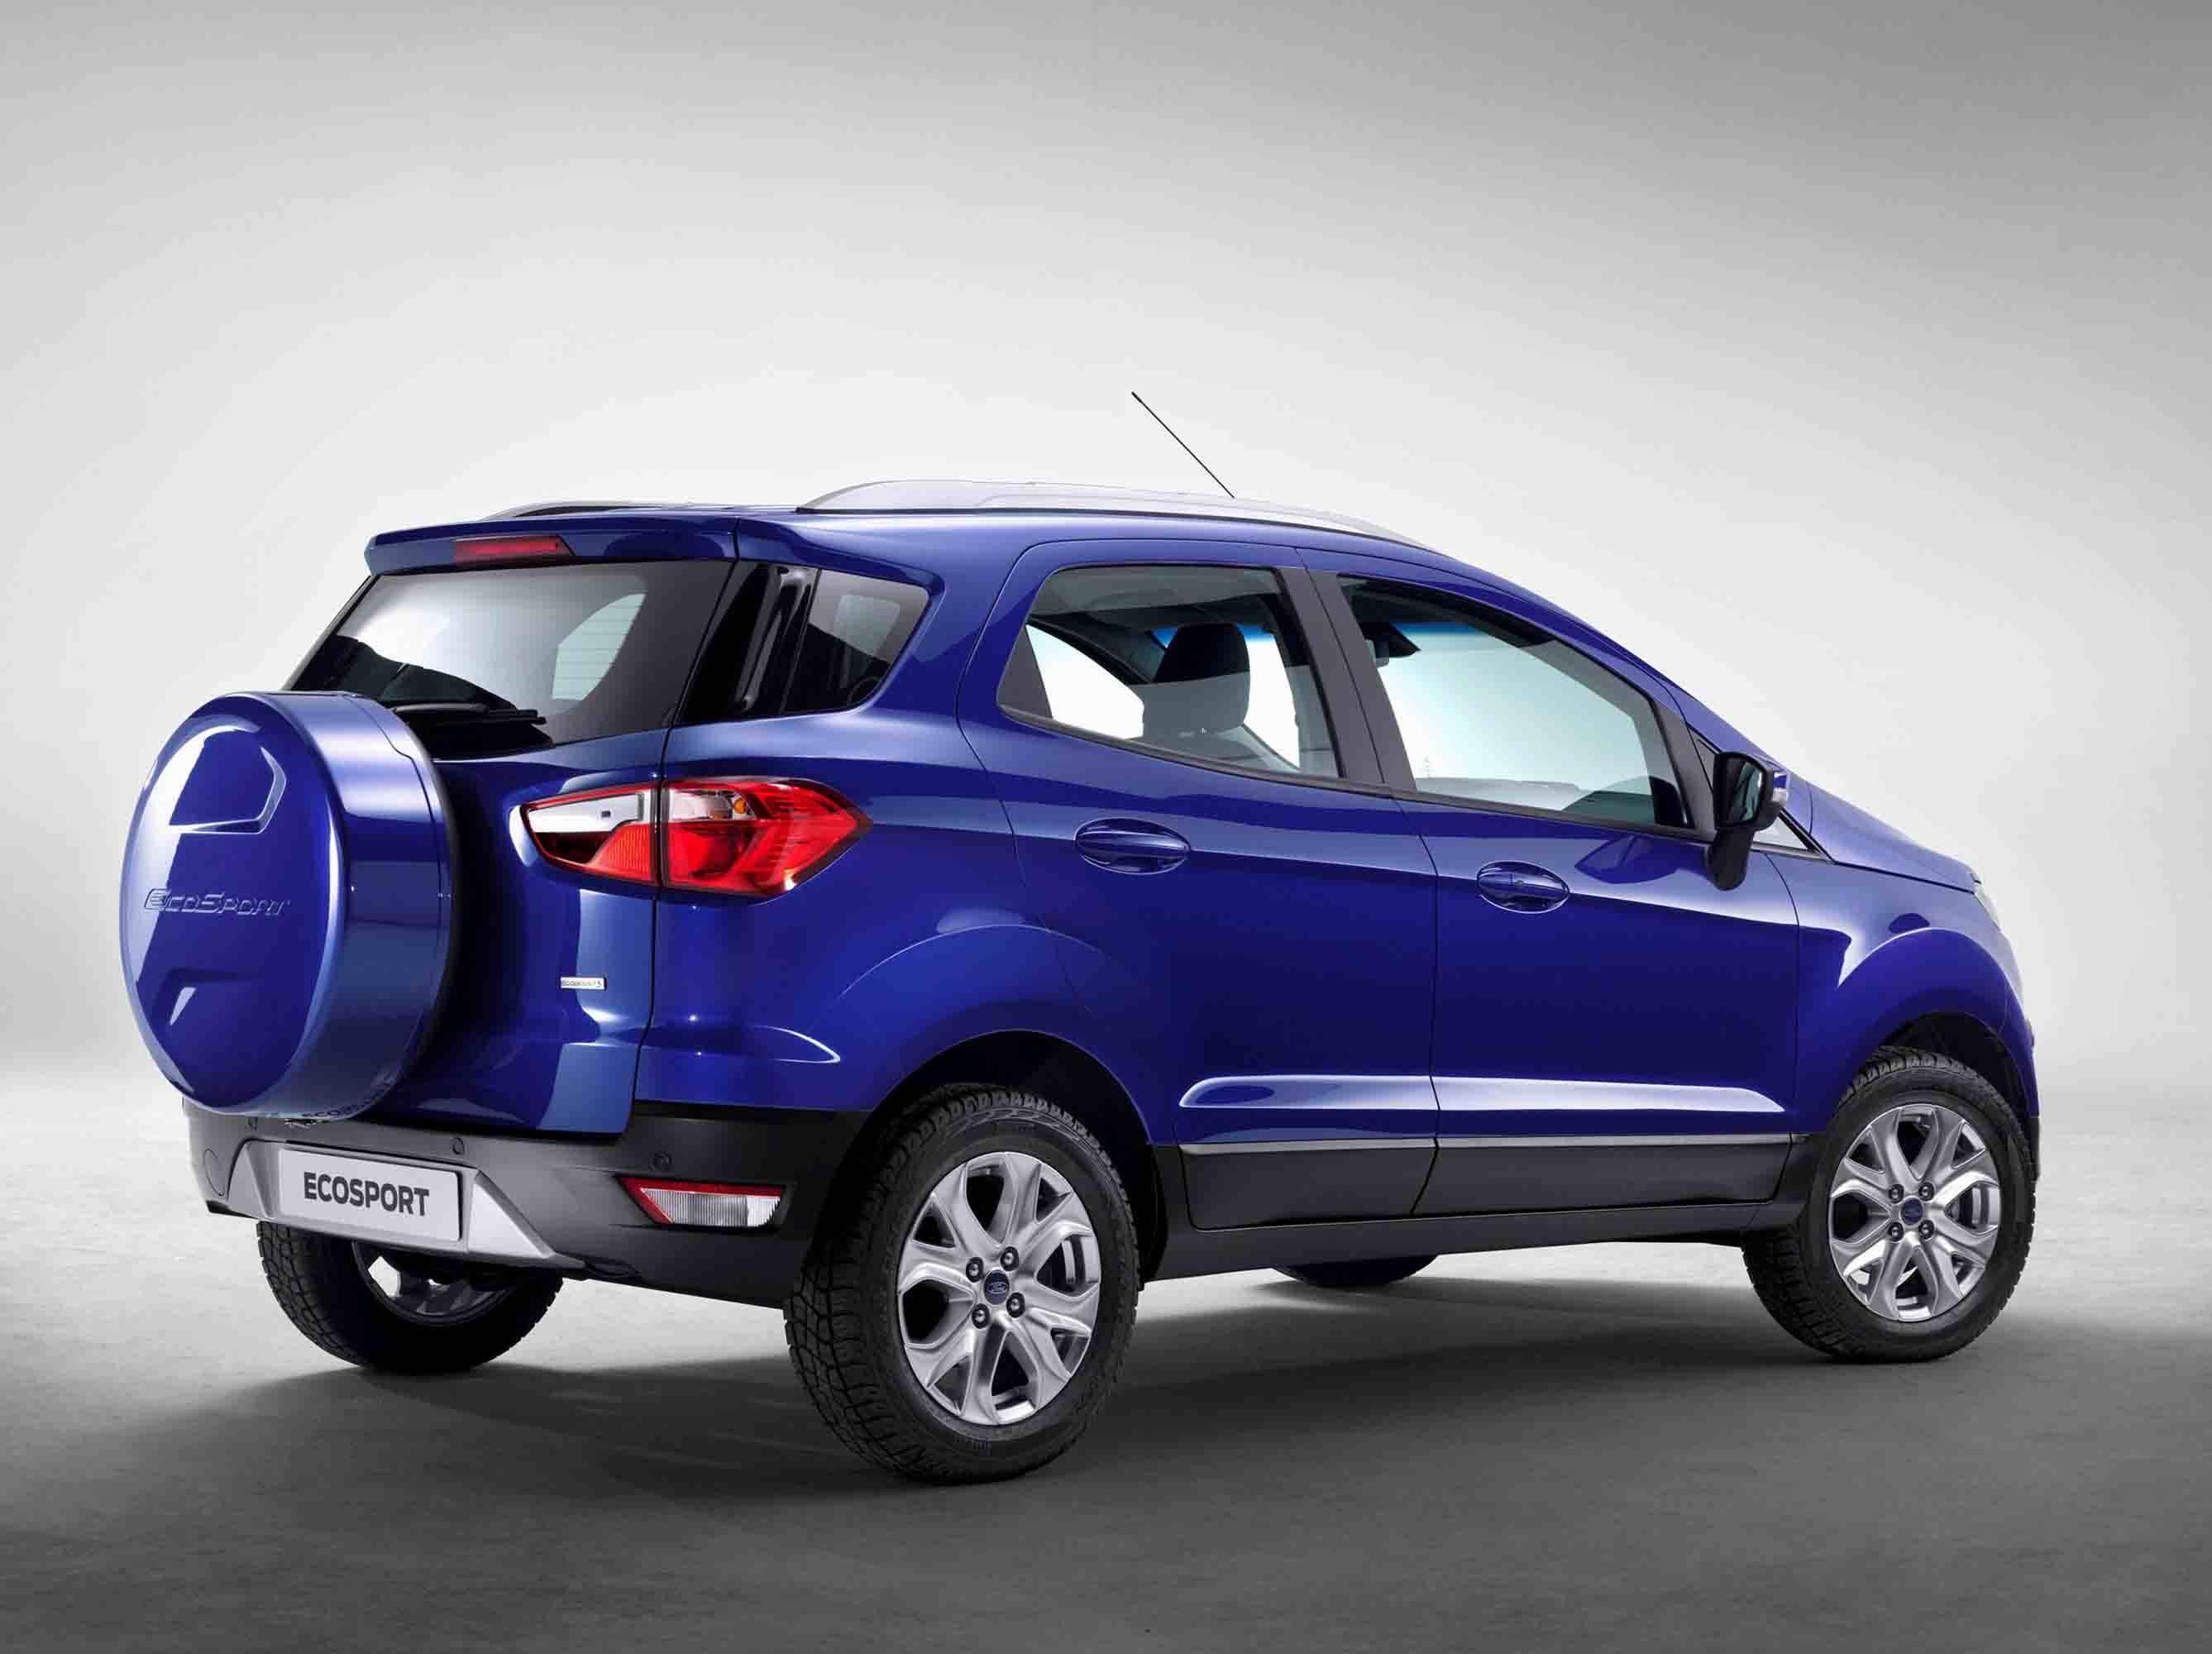 Ford EcoSport (Форд Экоспорт) - Продажа, Цены, Отзывы ...